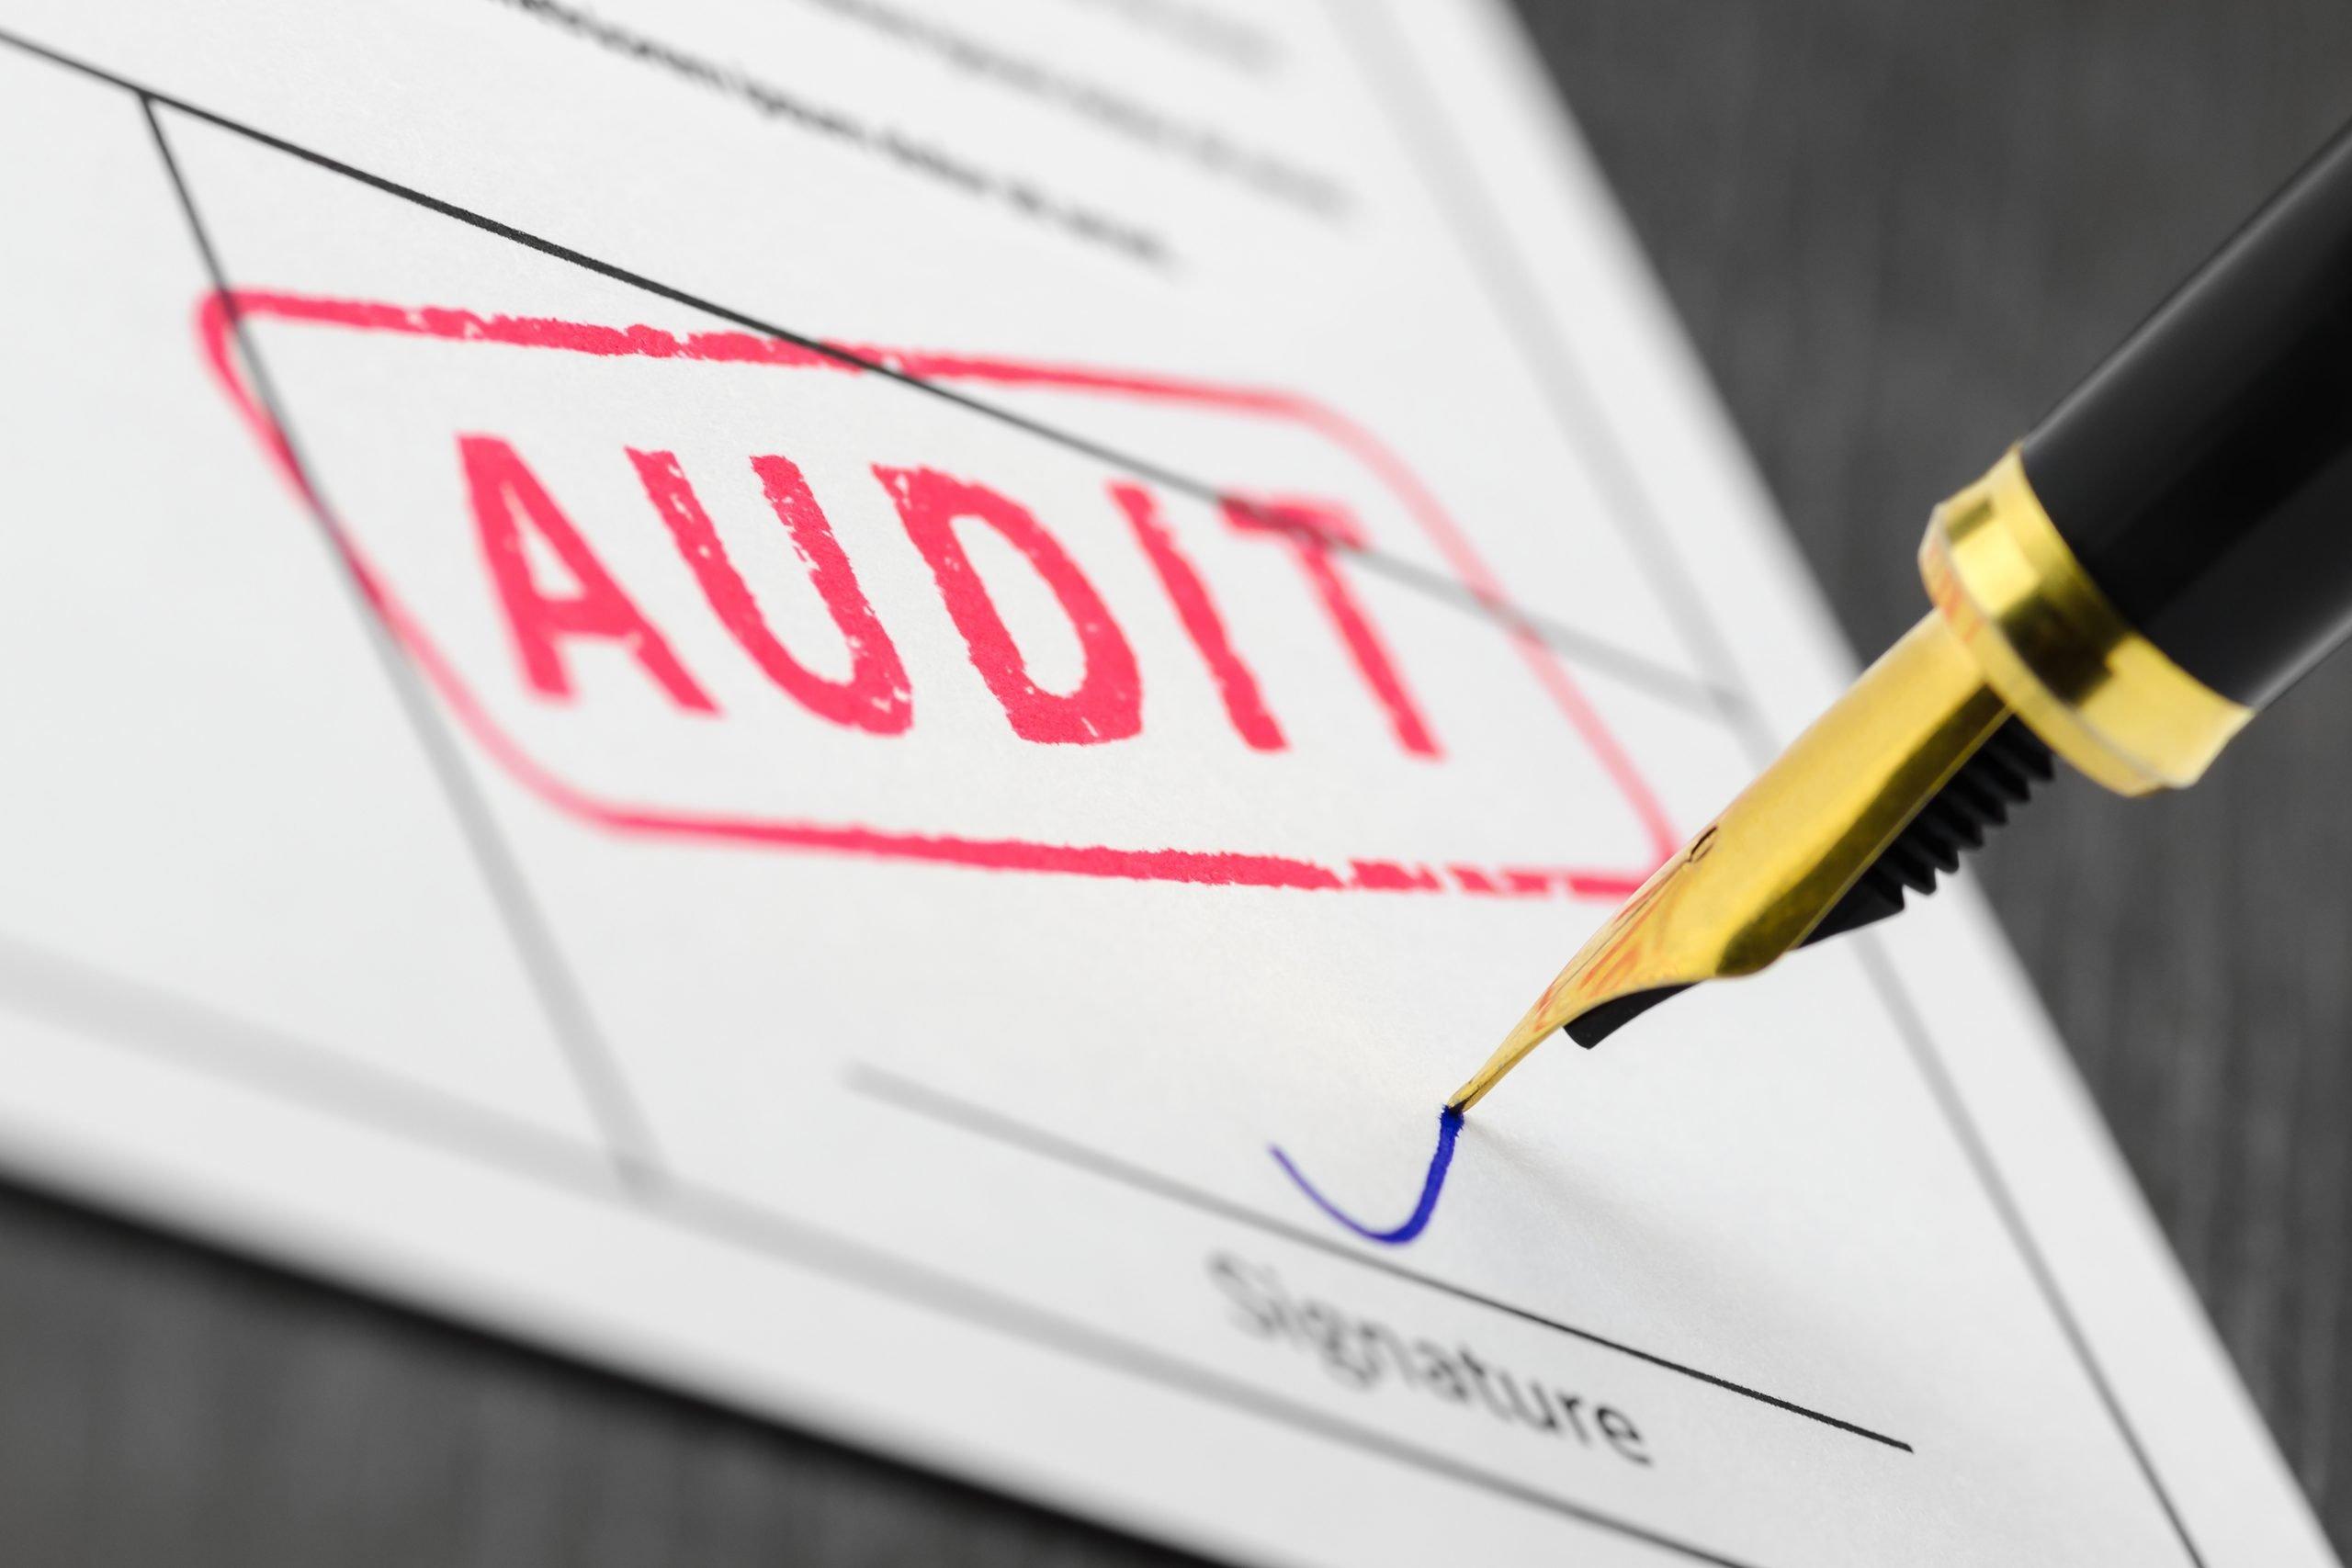 Workers Compensation Premium Audit Process